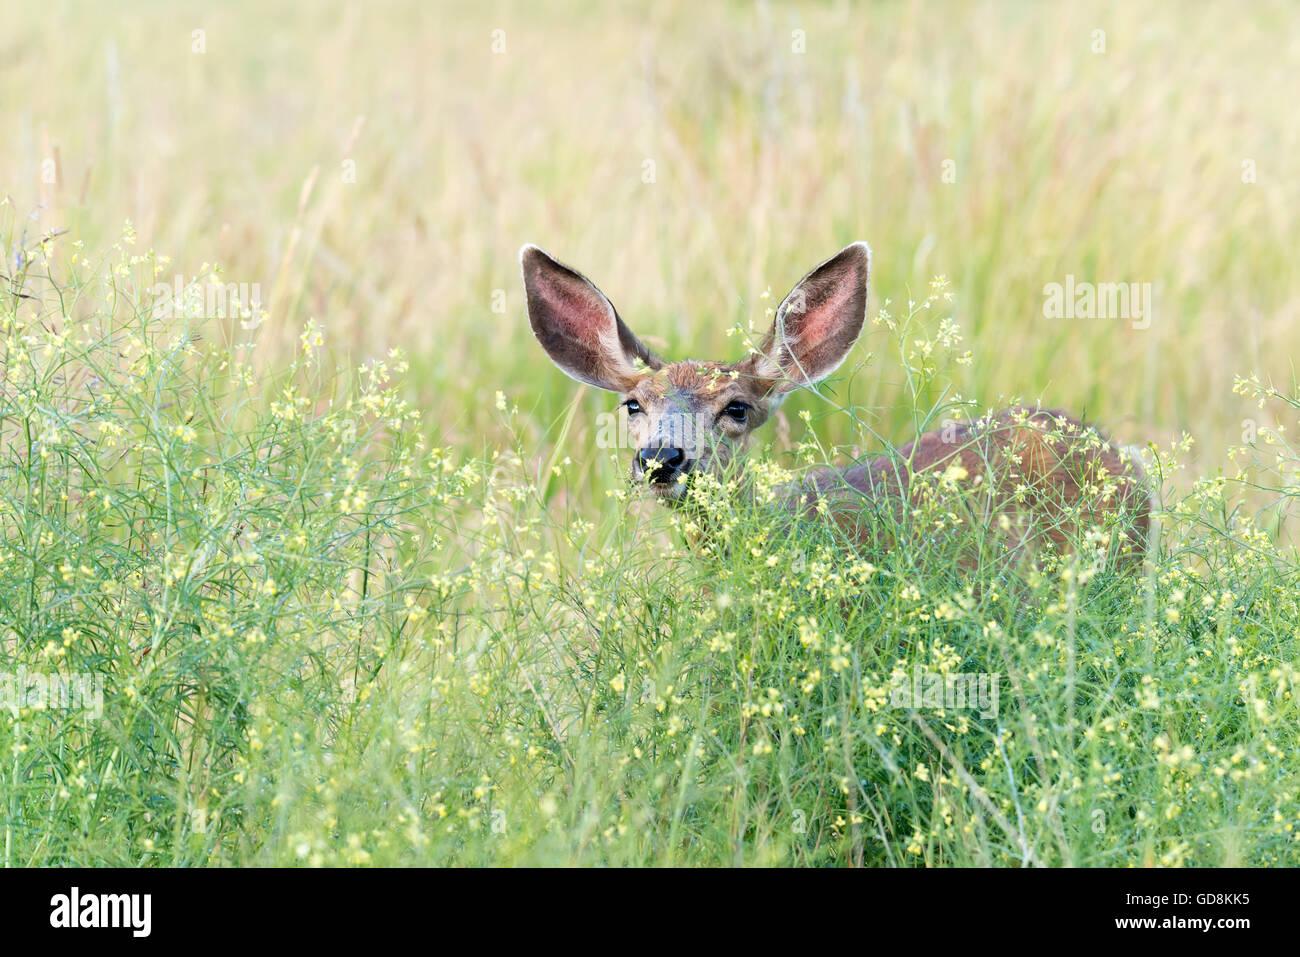 Maultier-Rotwild in hohen Gräser und Kräuter, Iwetemlaykin Welterbe-Aufstellungsort, Wallowa Valley, Oregon. Stockbild